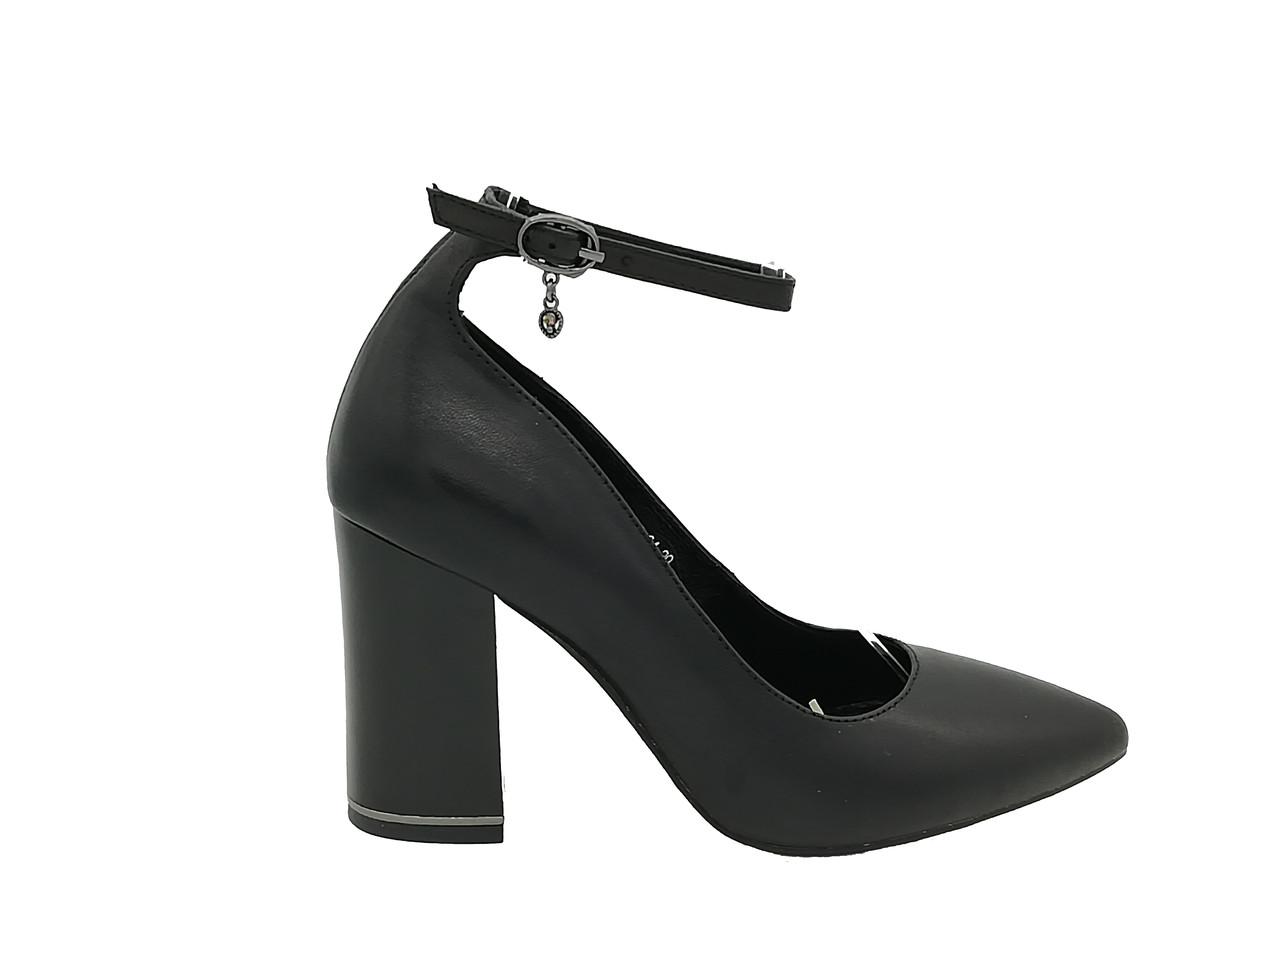 Черные кожаные туфли на каблуке .Маленькие ( 33 - 35 ) размеры.